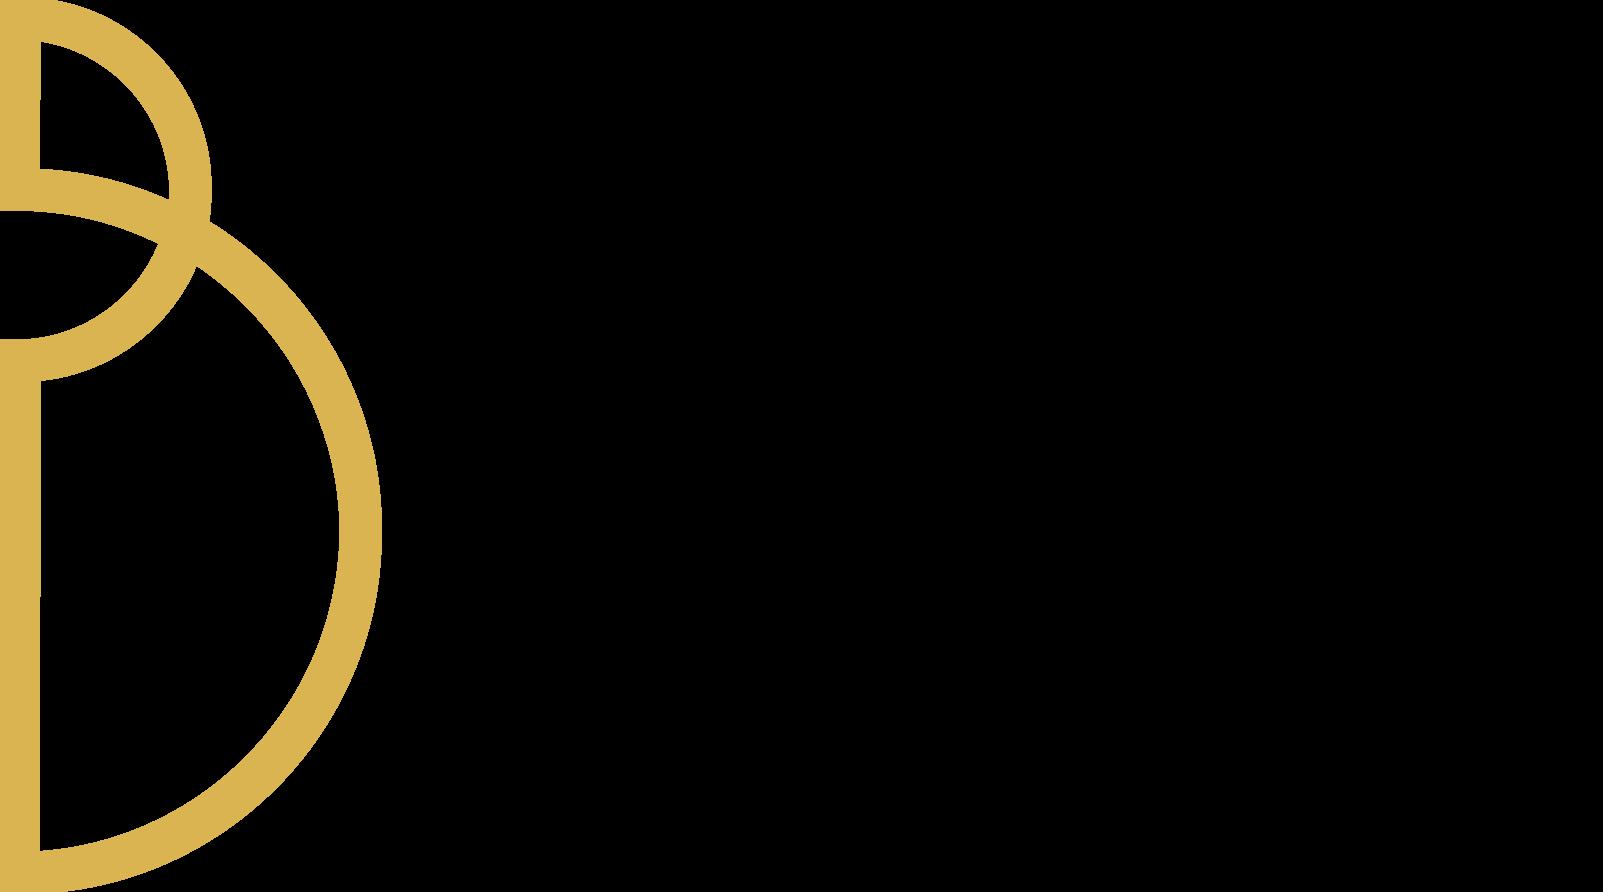 2019 bspoke as logo